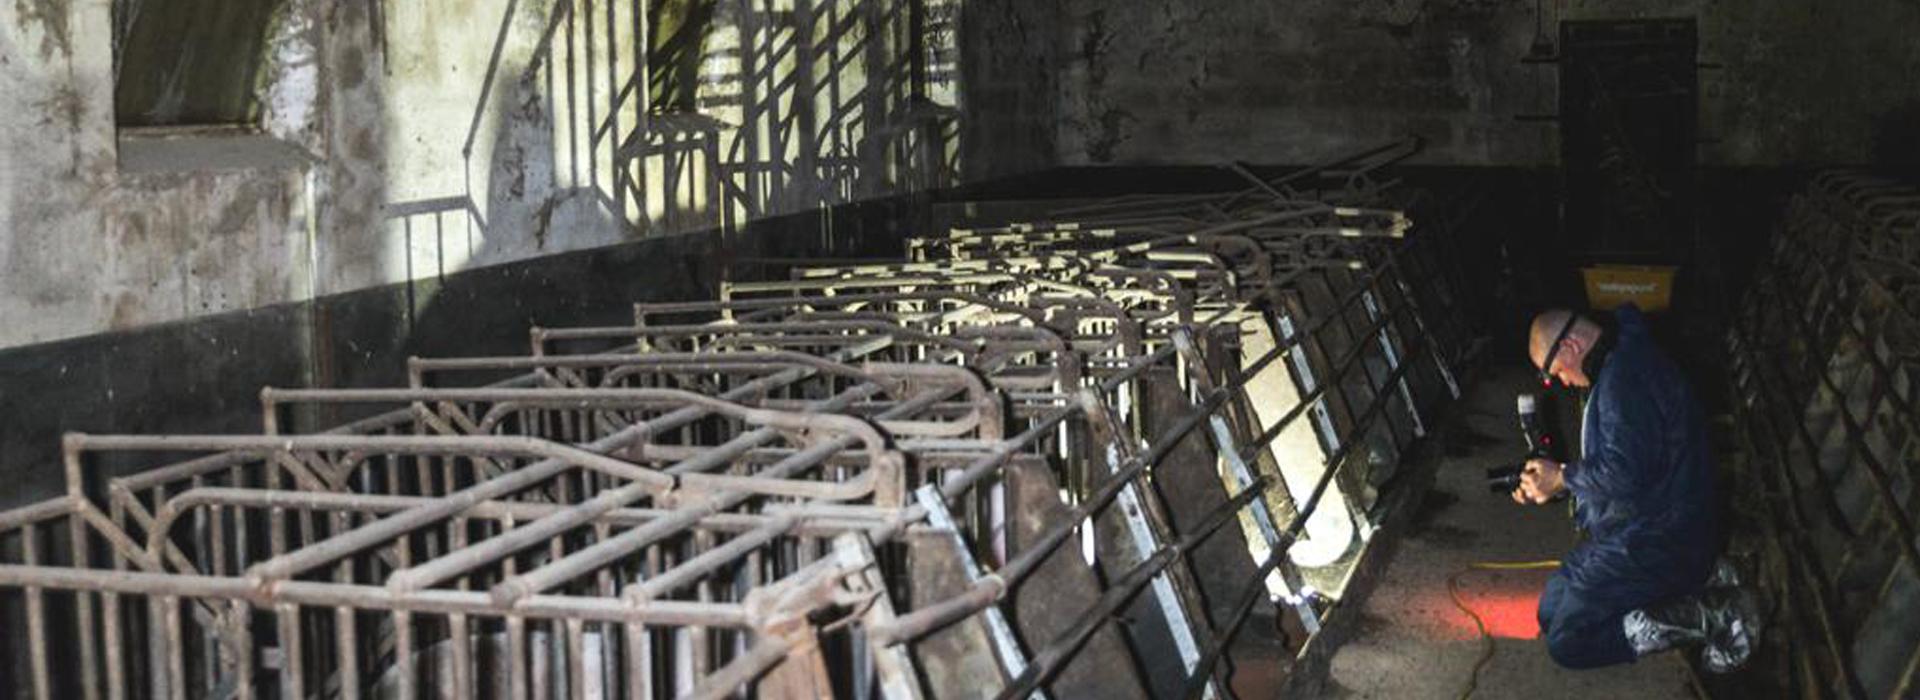 Schweinezucht-kabel1-tierretter-slider